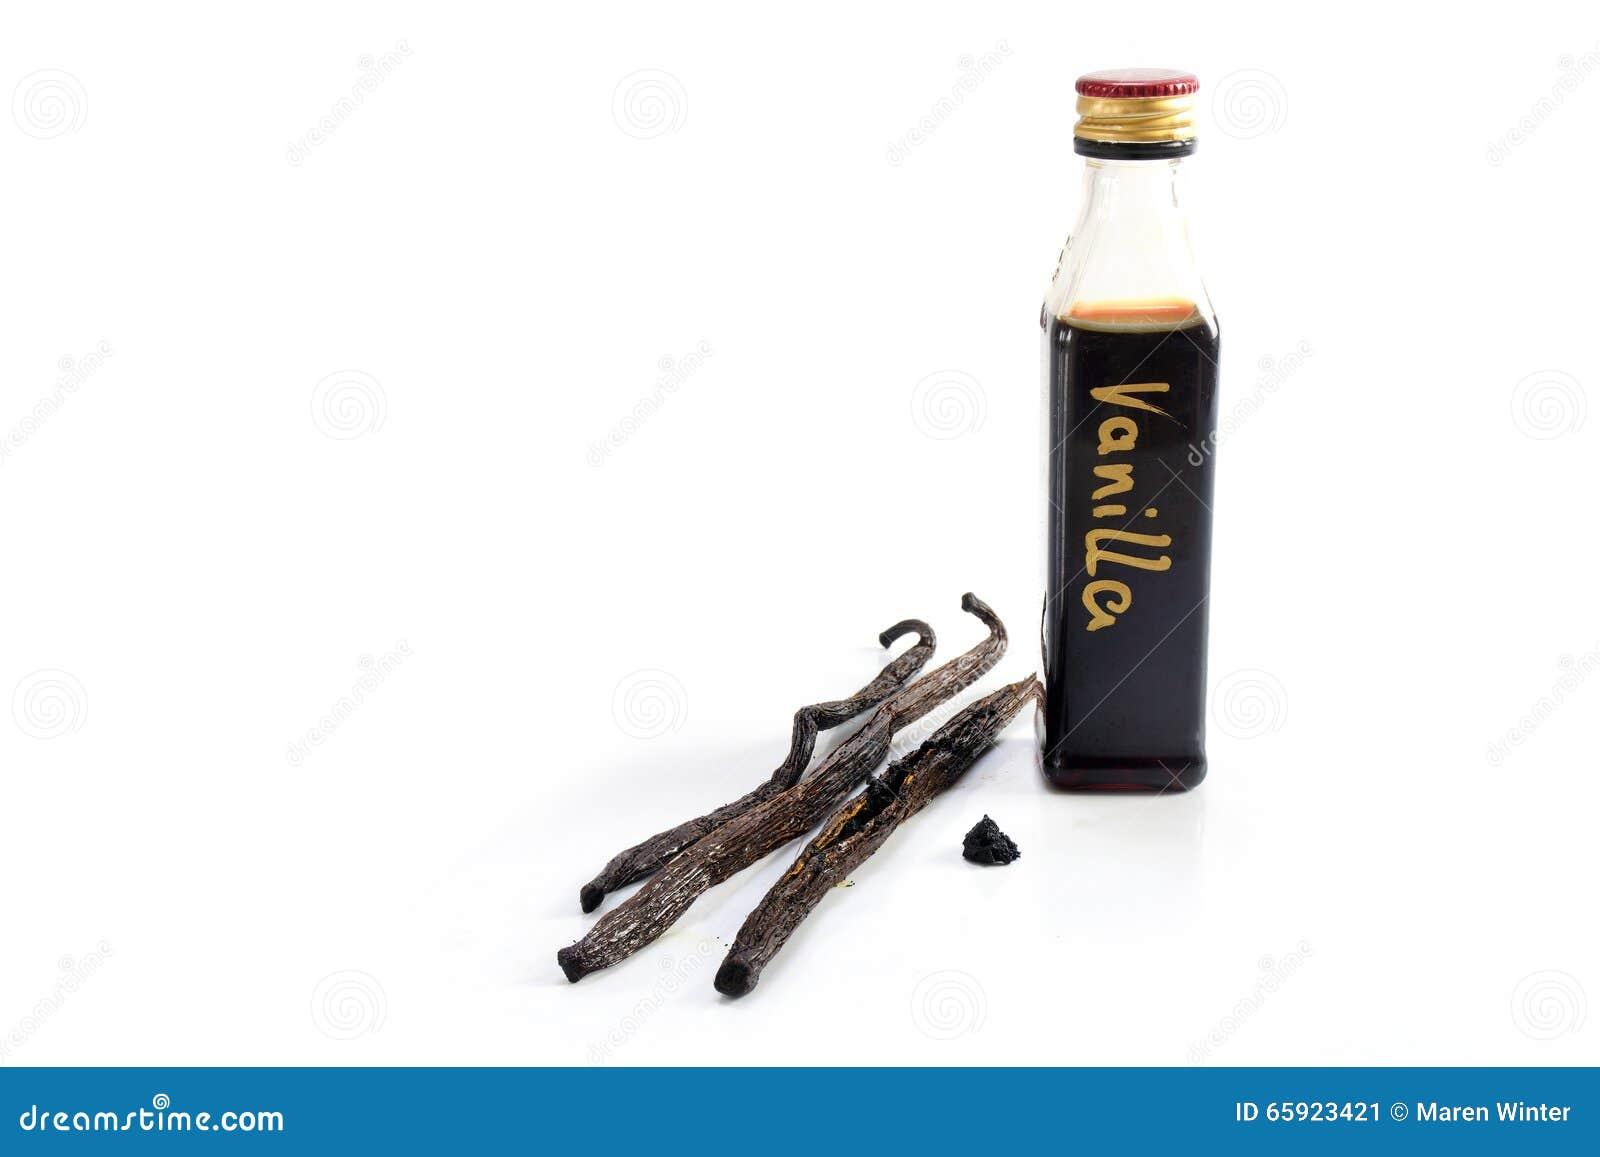 Pequeña botella de extracto de vainilla hecho en casa y de tres habas de vainilla